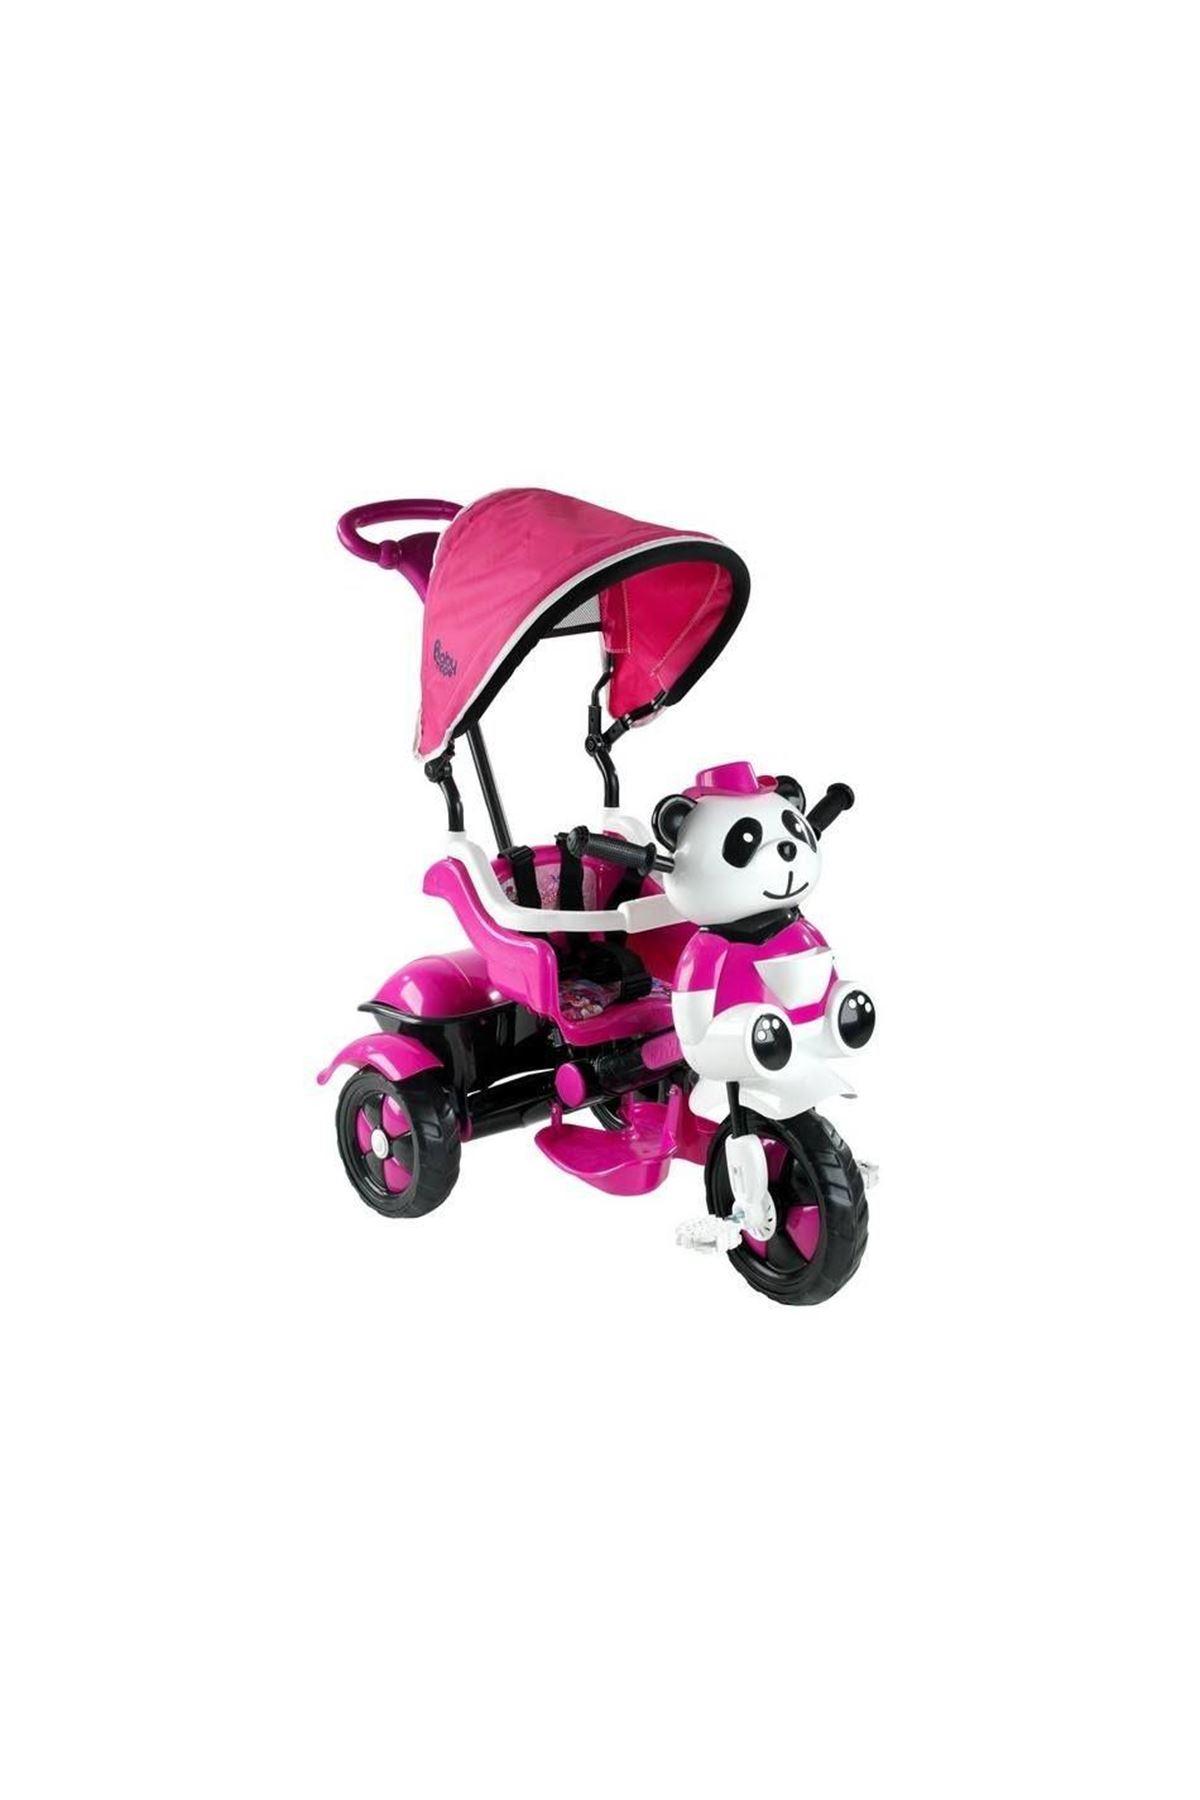 Babyhope 127 Little Panda 3 Tekerli Kontrollü Bisiklet Pembe